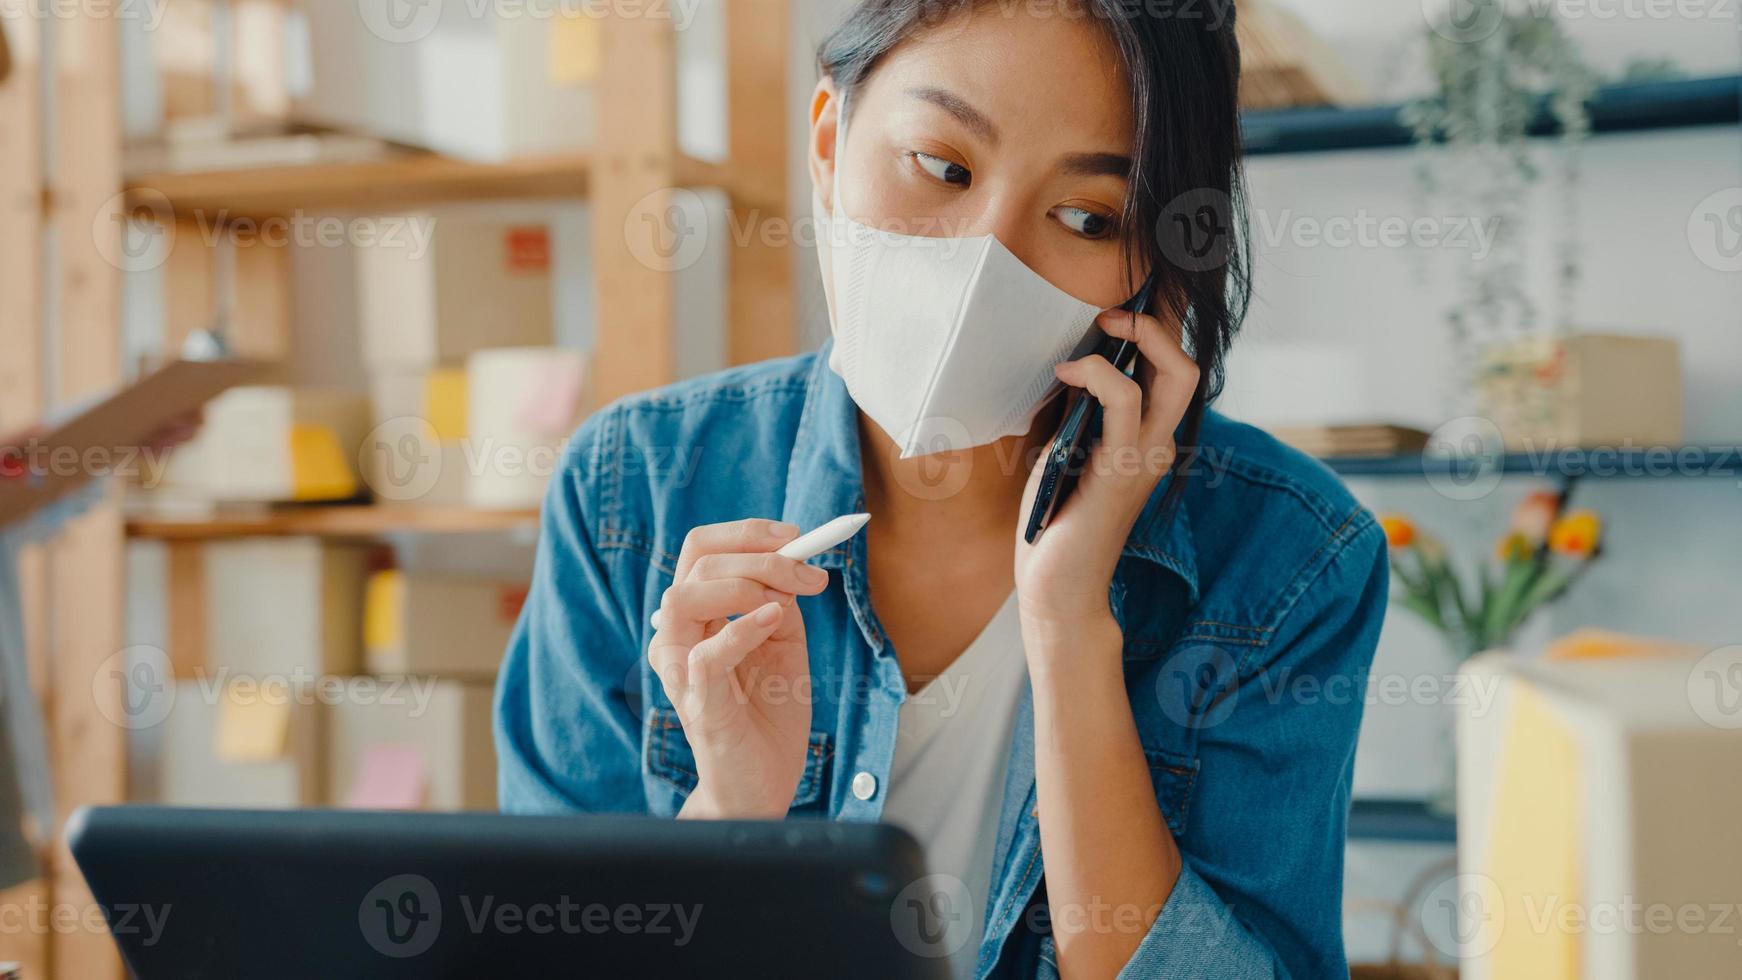 Jóvenes empresarias asiáticas usan mascarilla usando una llamada de teléfono móvil, reciben una orden de compra y verifican el producto en el trabajo de stock en la oficina en casa. propietario de una pequeña empresa, concepto independiente de entrega de mercado en línea. foto